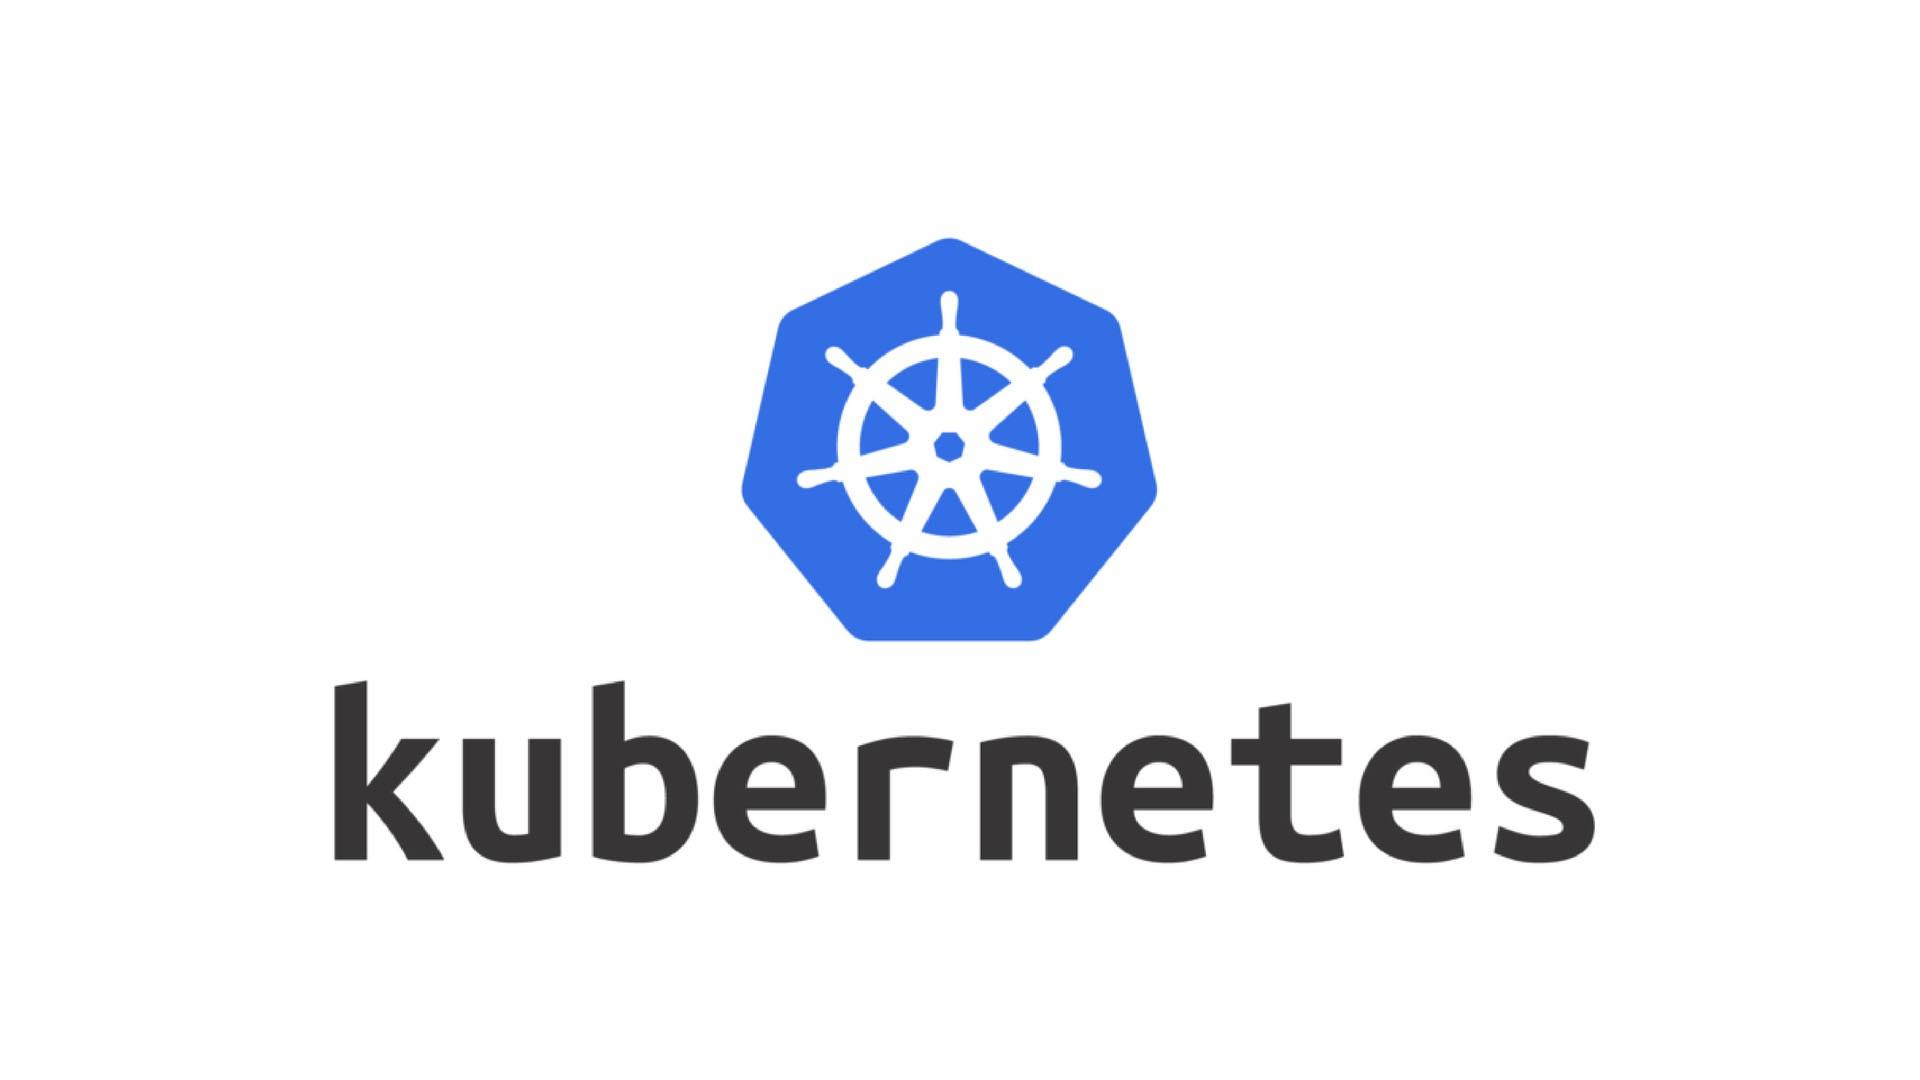 Kubectl Useful Commands